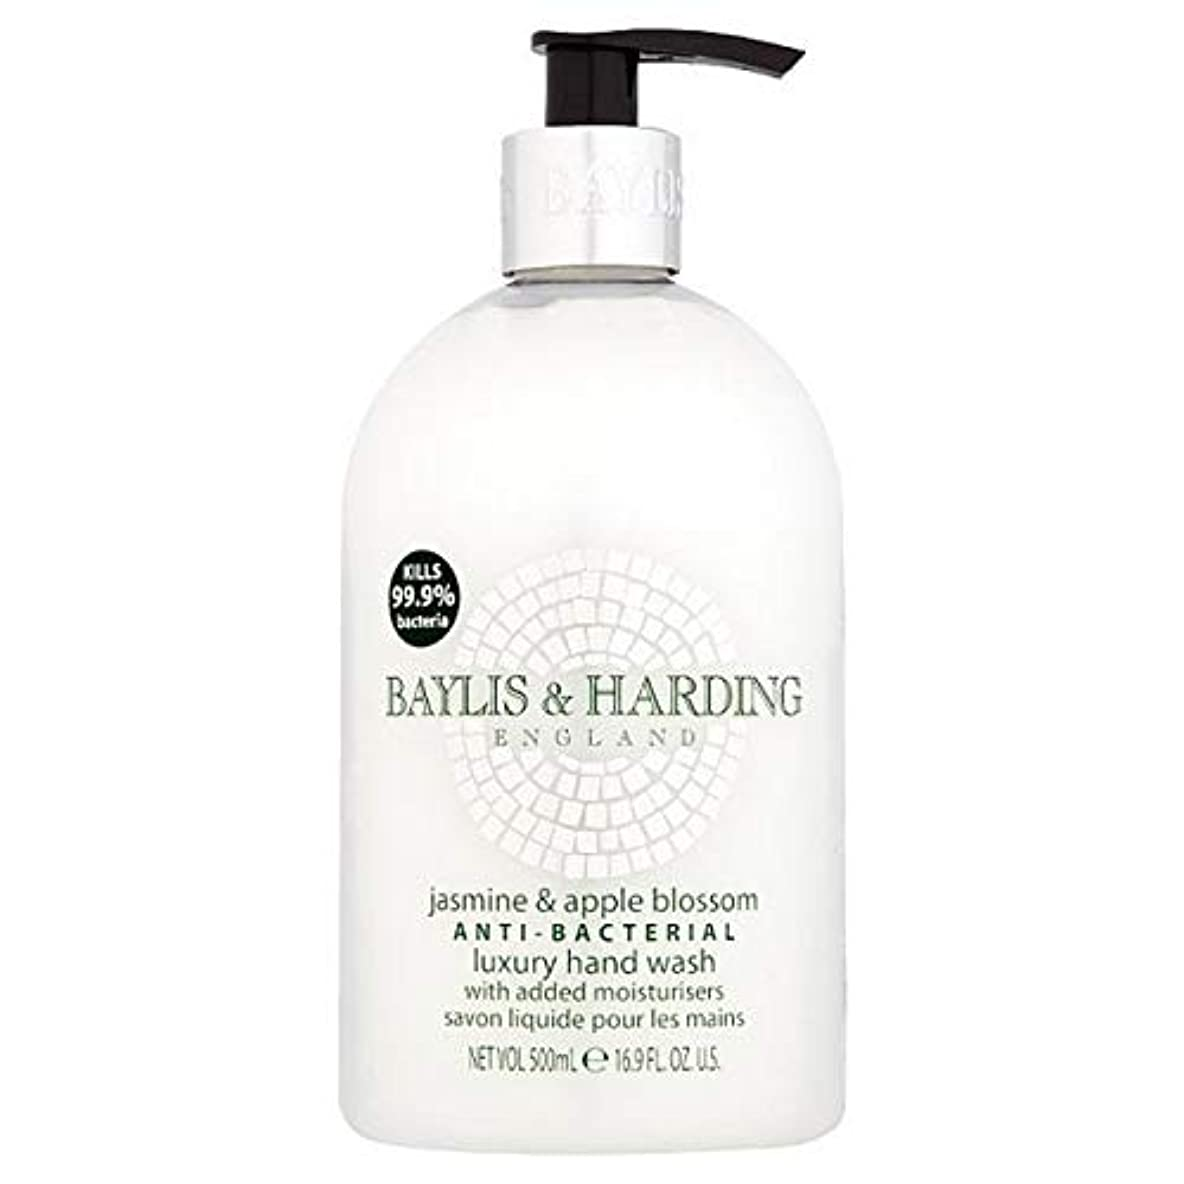 受益者発言する頼む[Baylis & Harding ] ベイリス&ハーディング署名抗菌手洗い用500ミリリットル - Baylis & Harding Signature Antibacterial Hand Wash 500ml [並行輸入品]